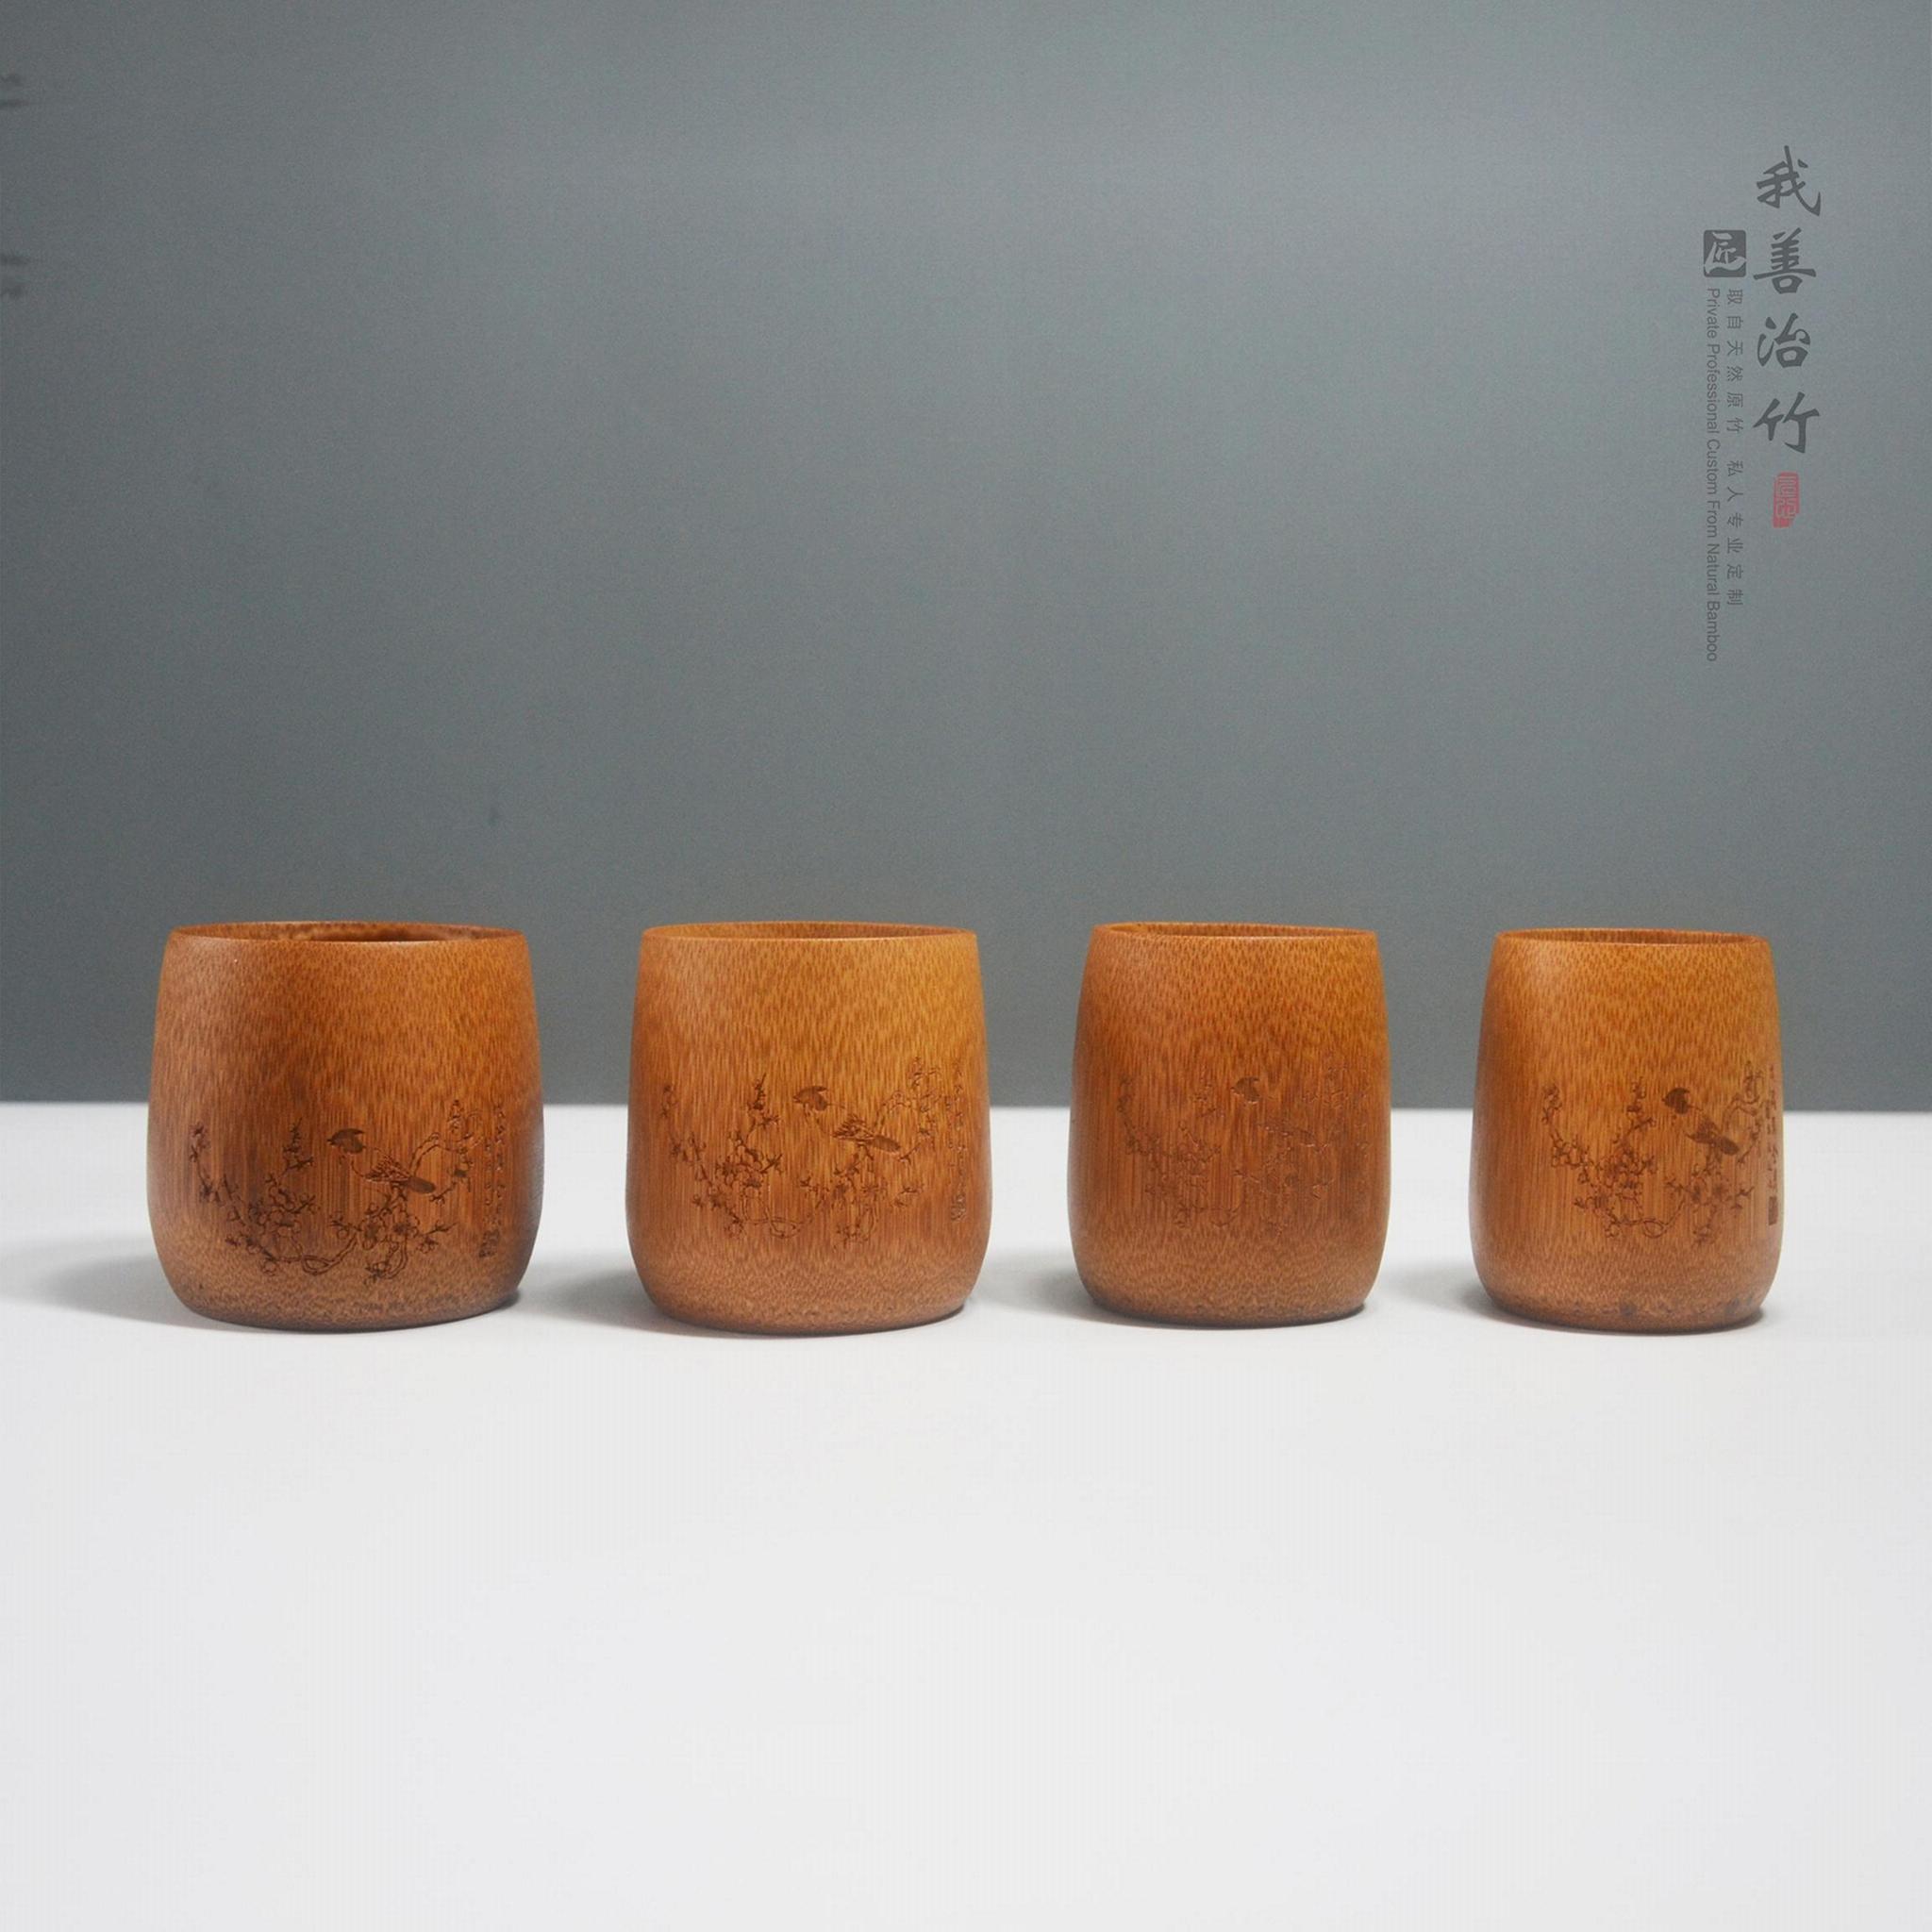 天然竹杯茶杯酒杯水杯茶具酒具 3